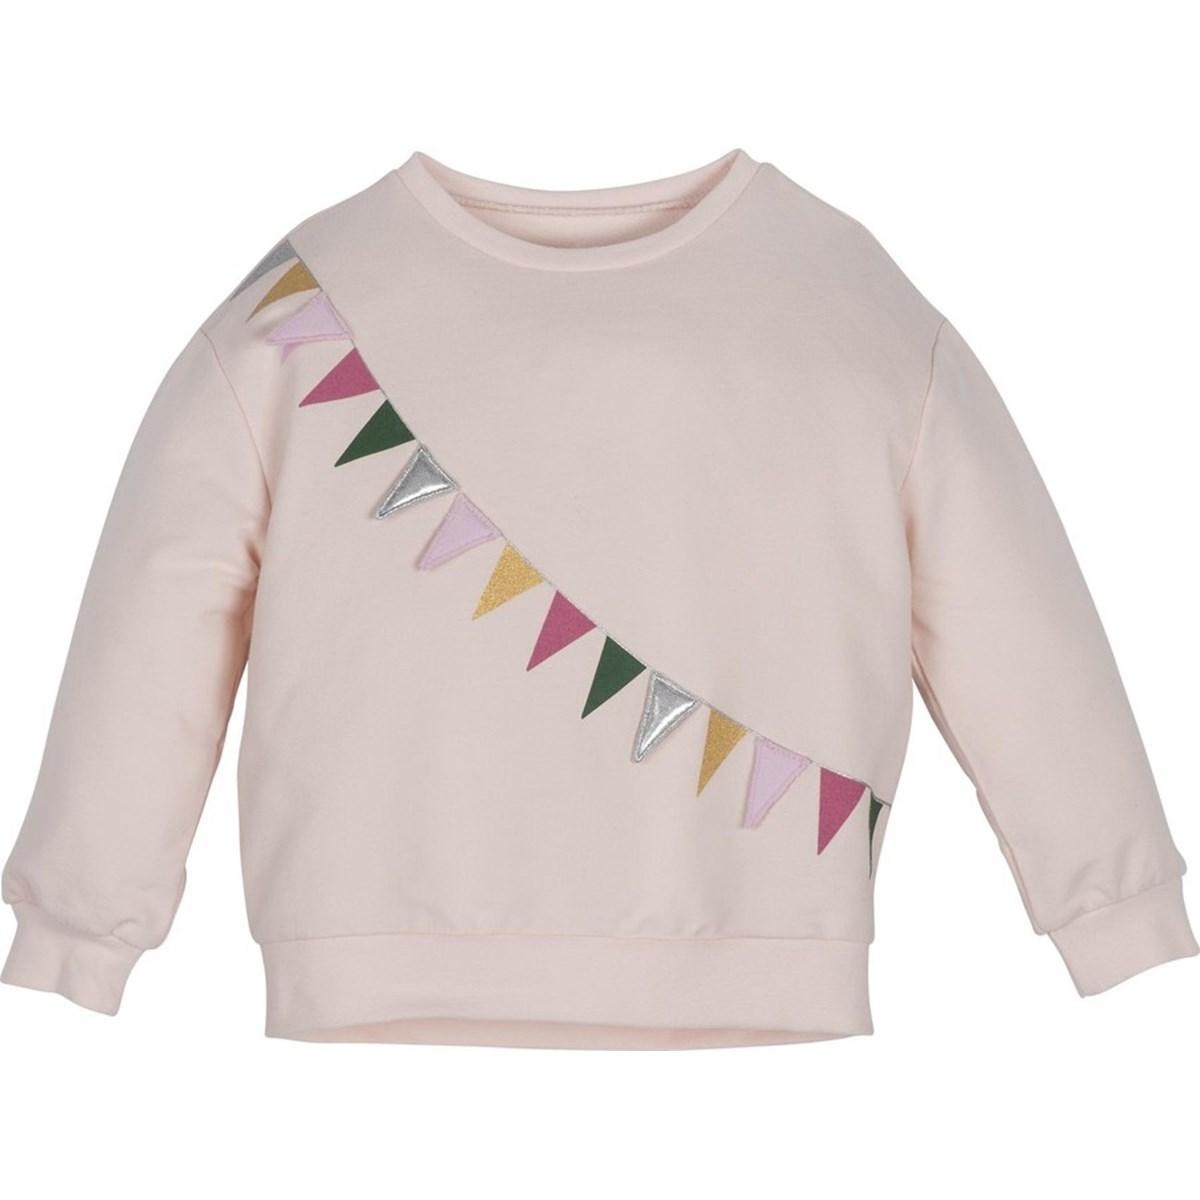 12408 Sweatshirt 1